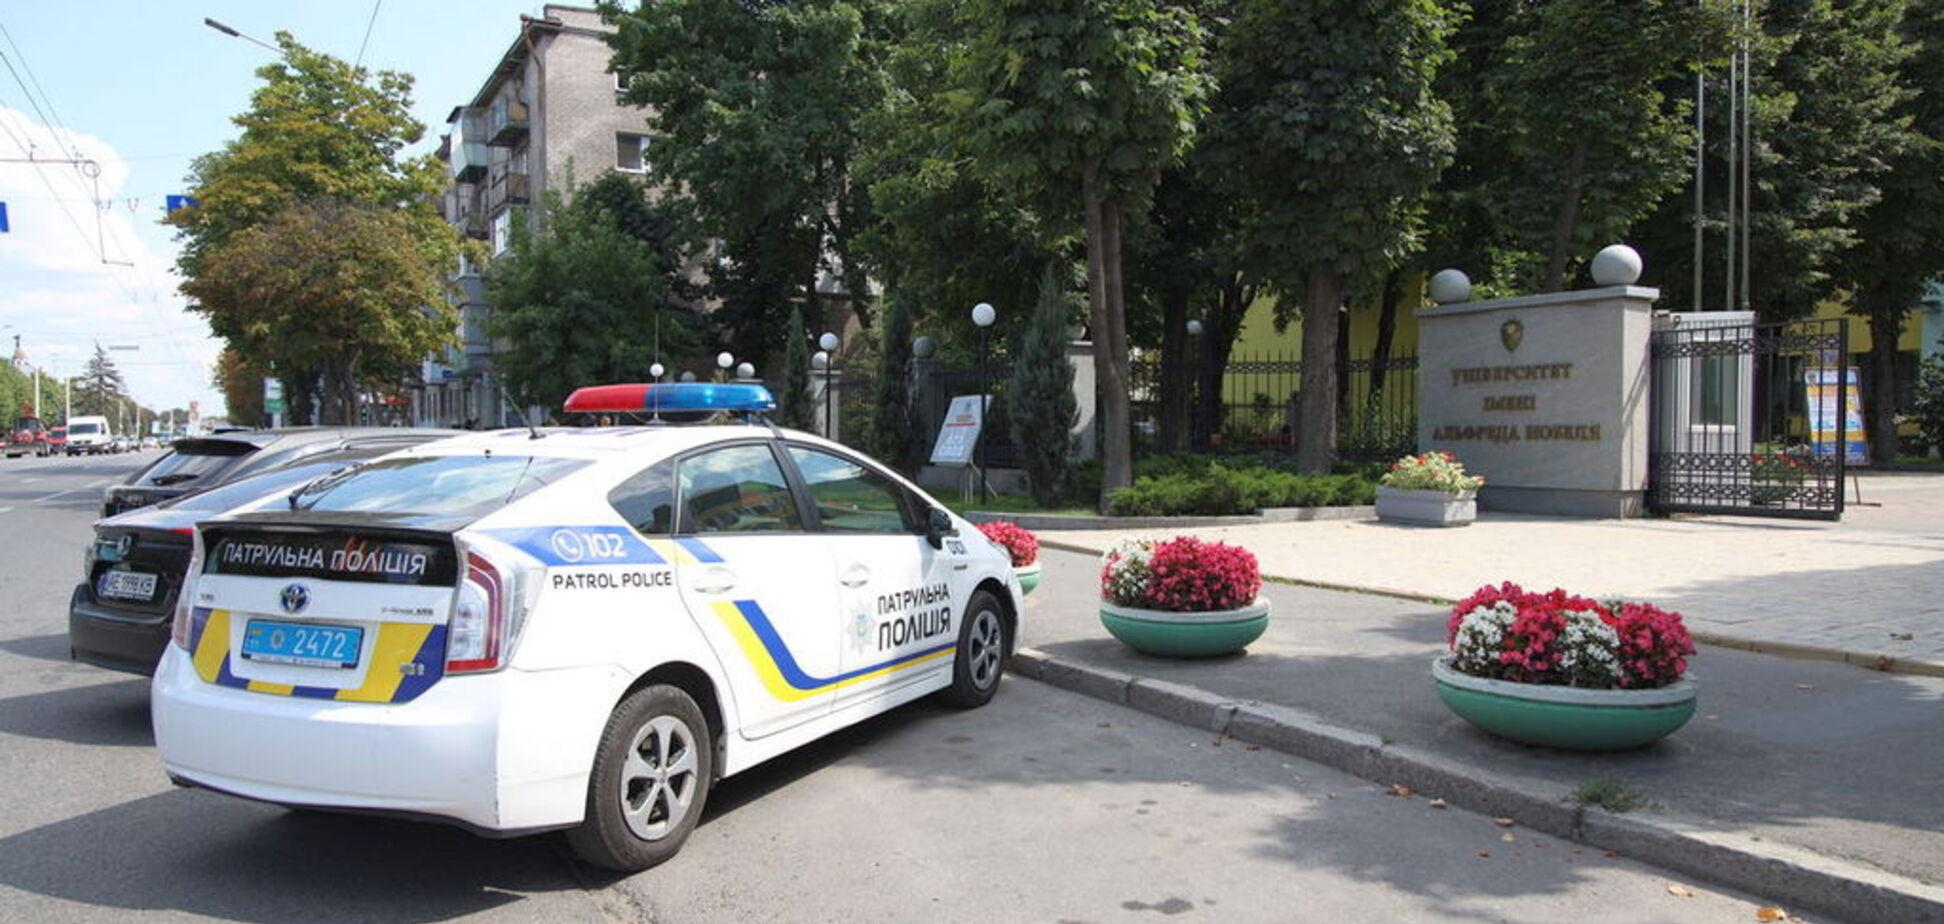 Неизвестный сообщил о минировании 4 вузов в Днепре